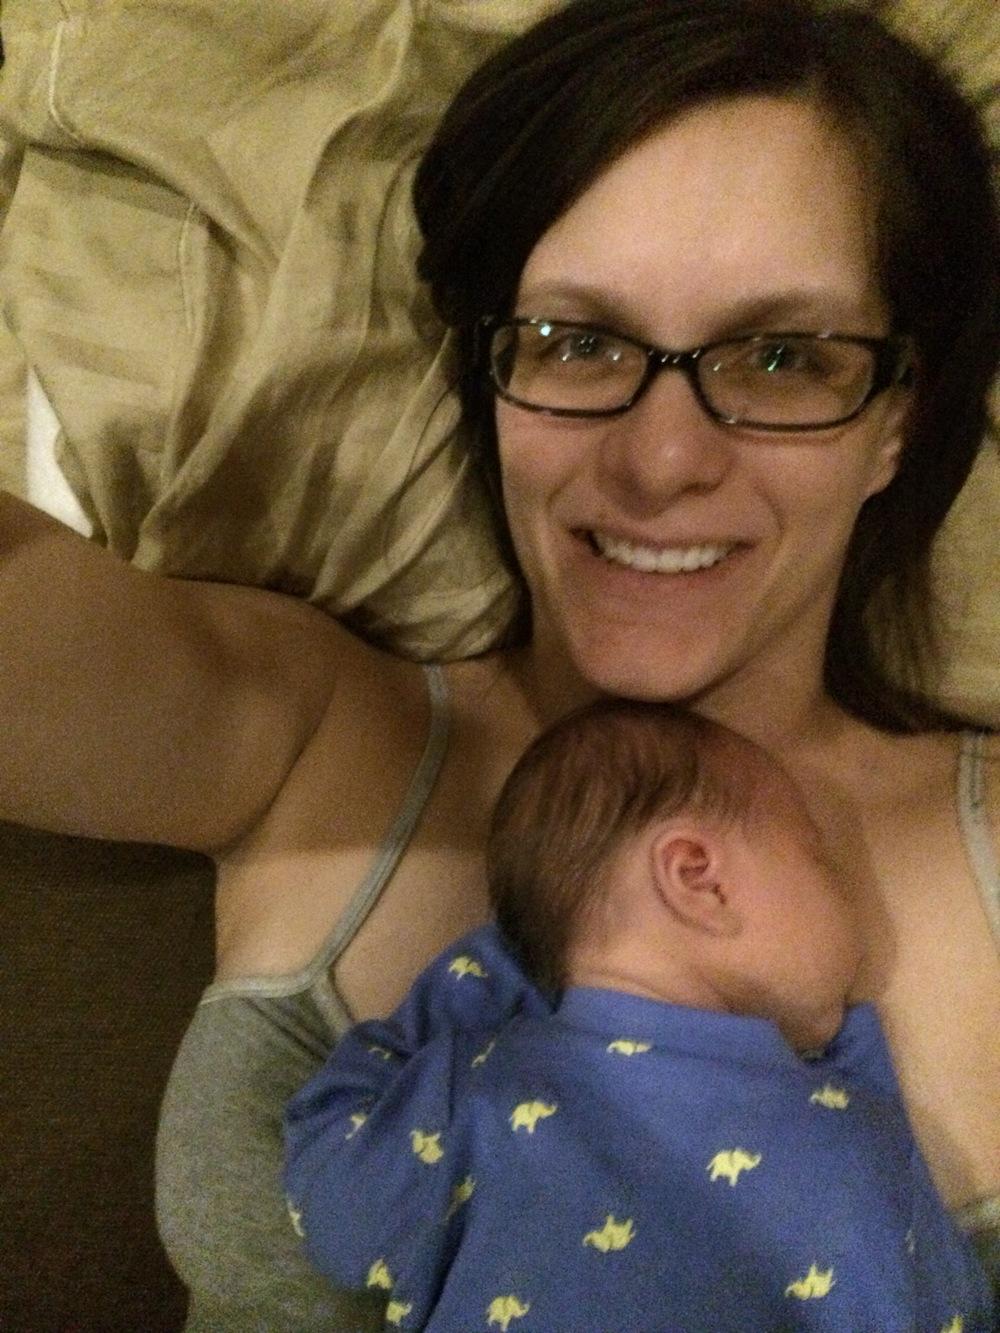 #PostpartumConfession | My Story: Shannon #csection #postpartumdepression #breastfeeding